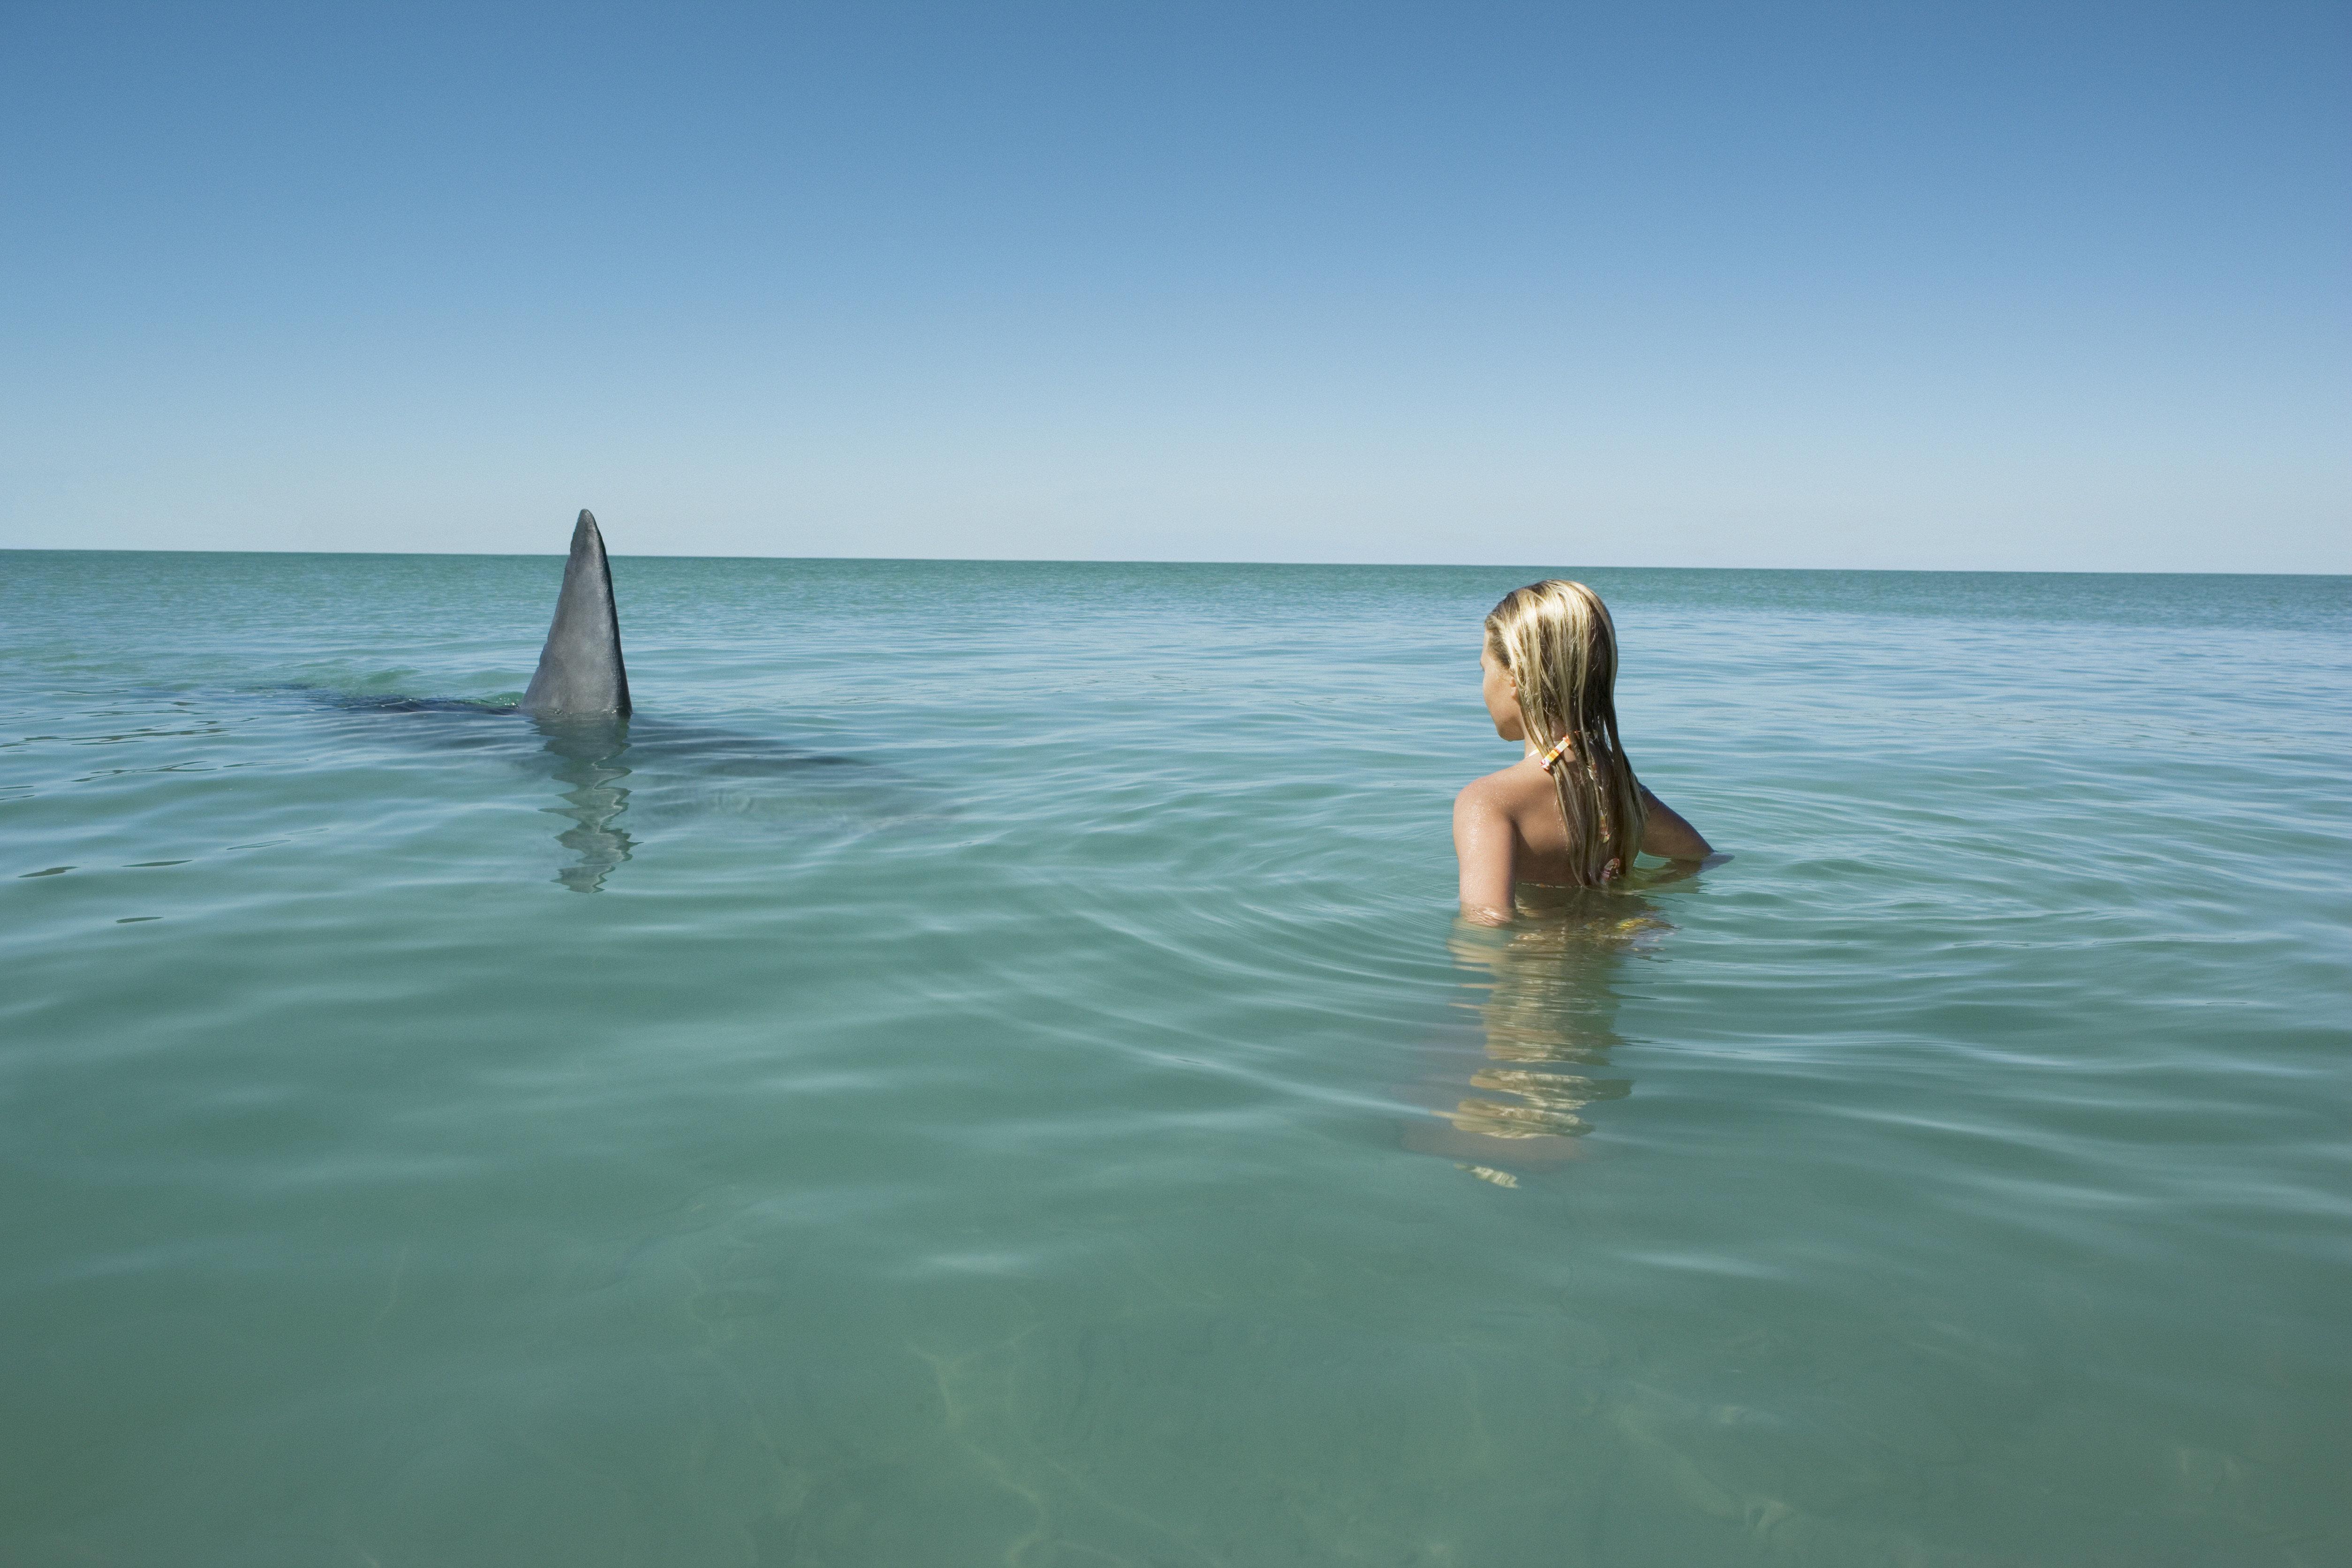 Digital Enhancement, model made shark fin.